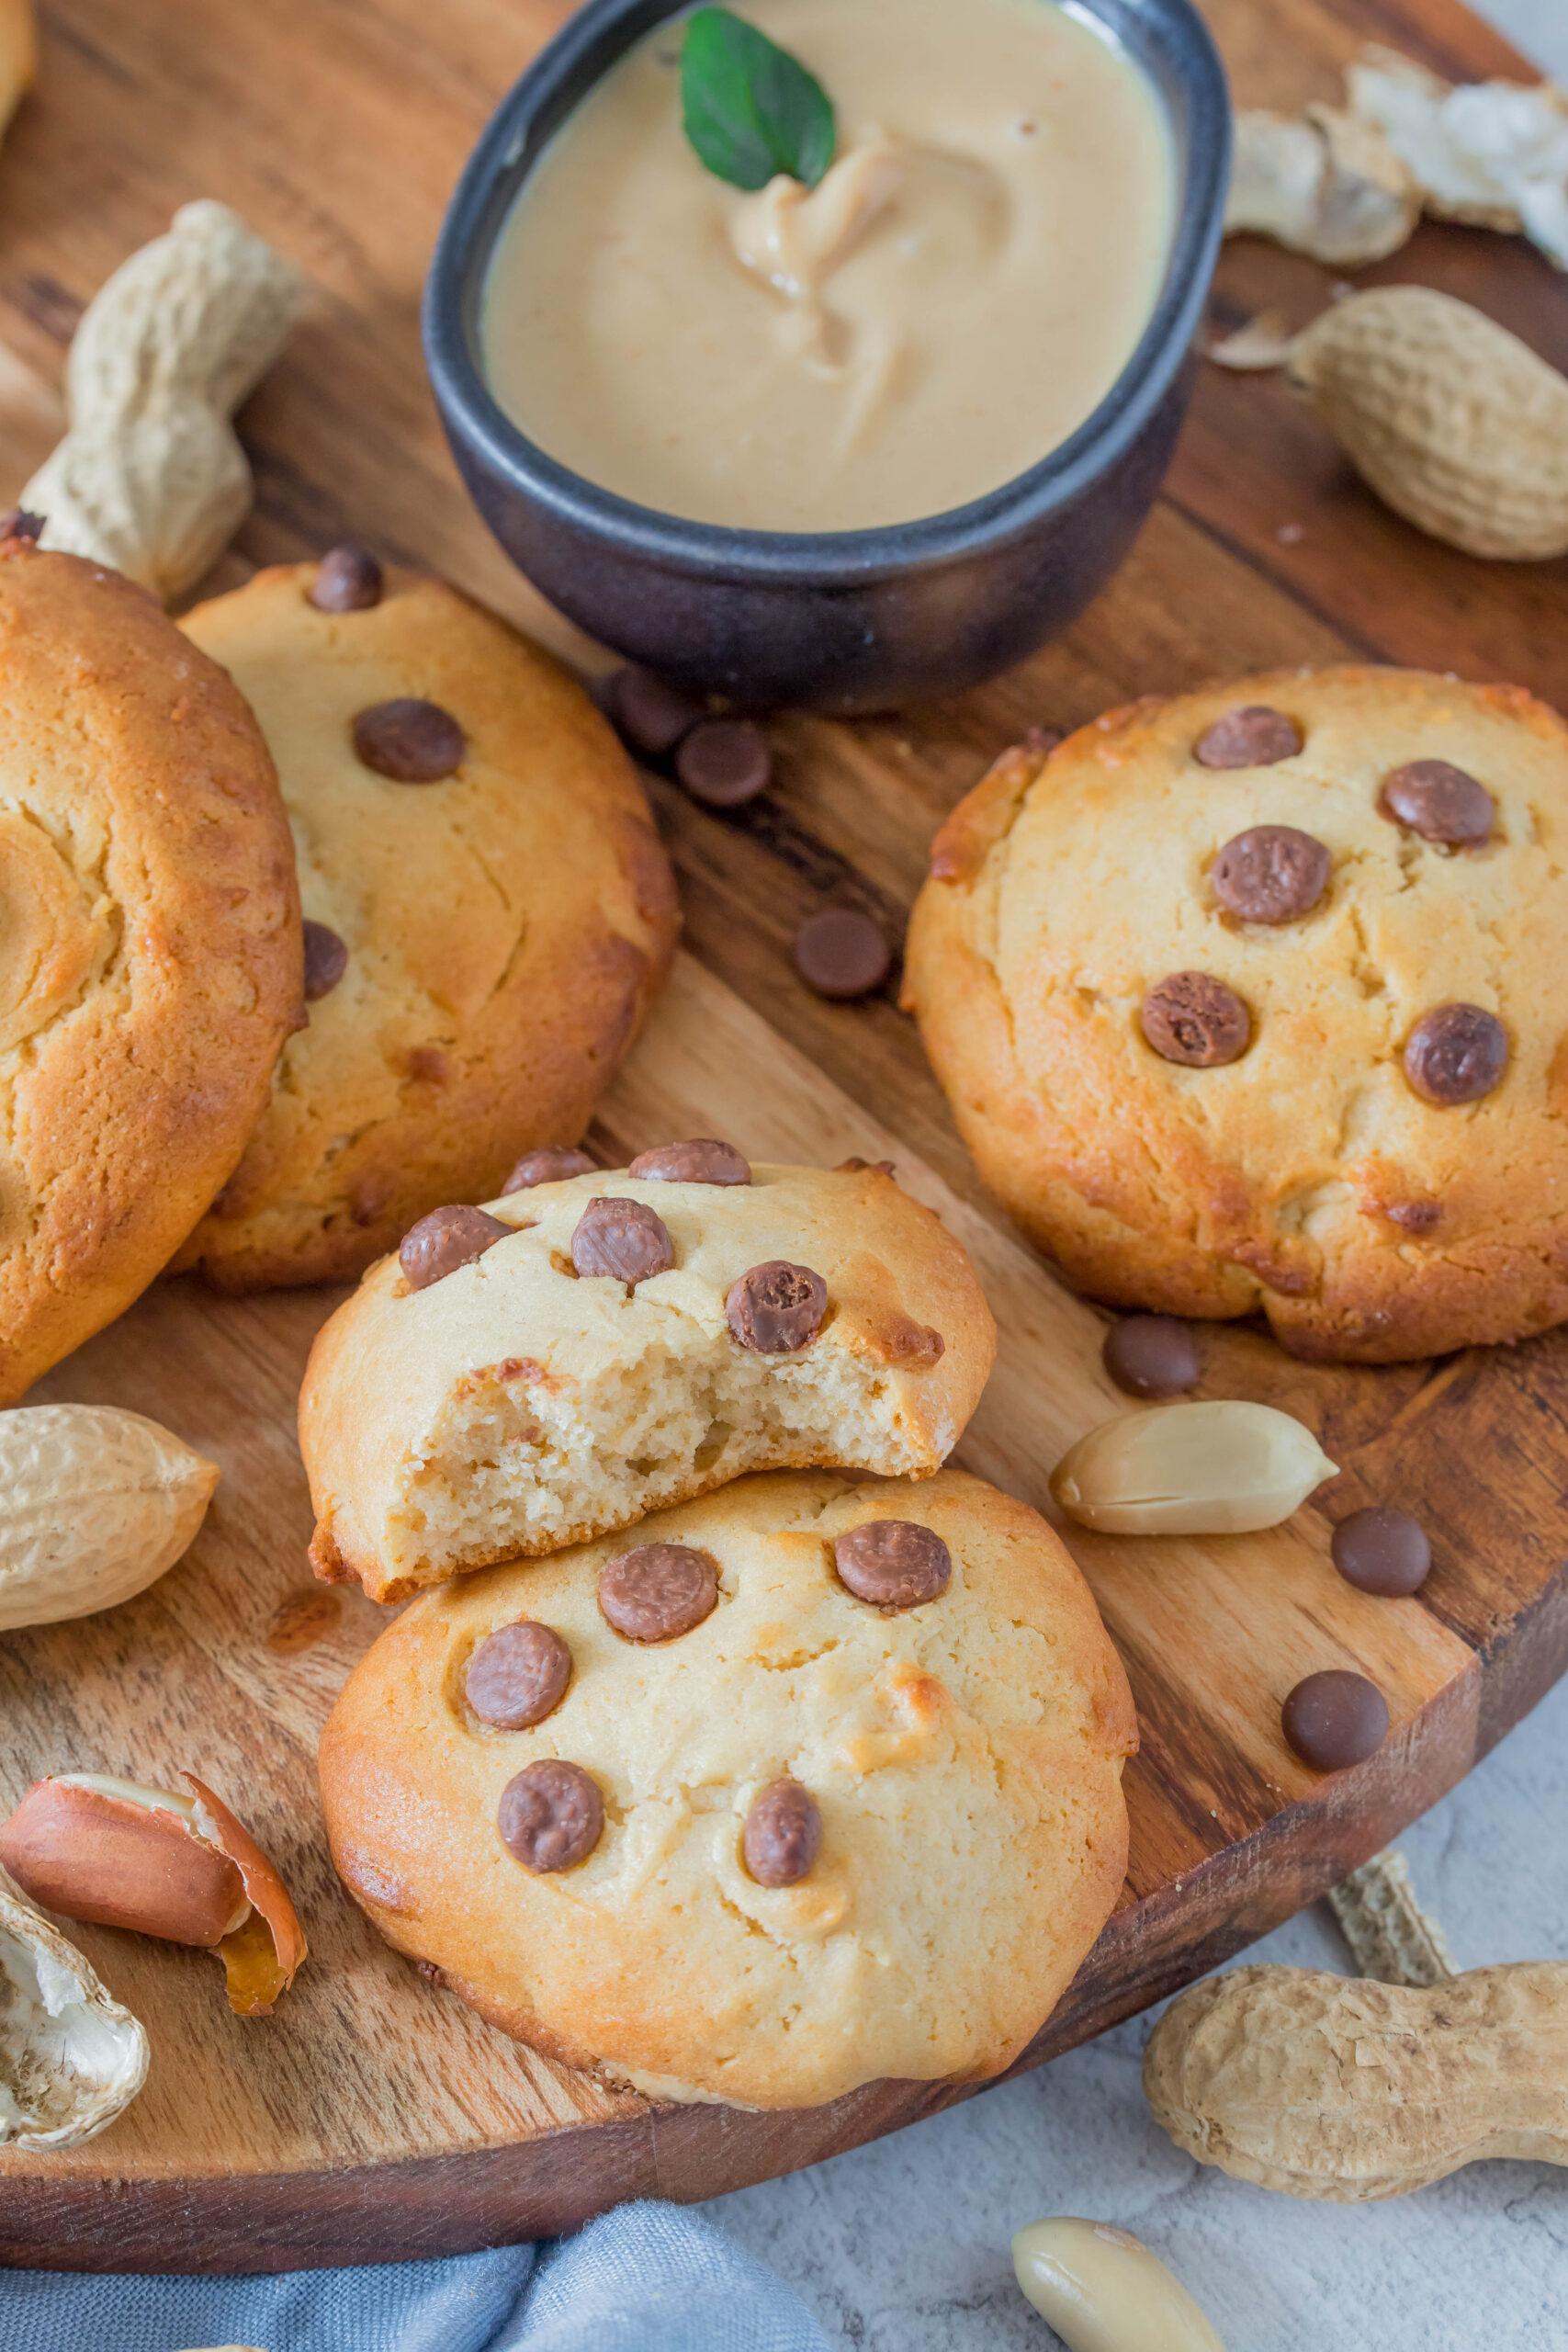 Leckerer Snack für zwischendurch : knusprige Erdnussmus Cookies mit Schokostückchen